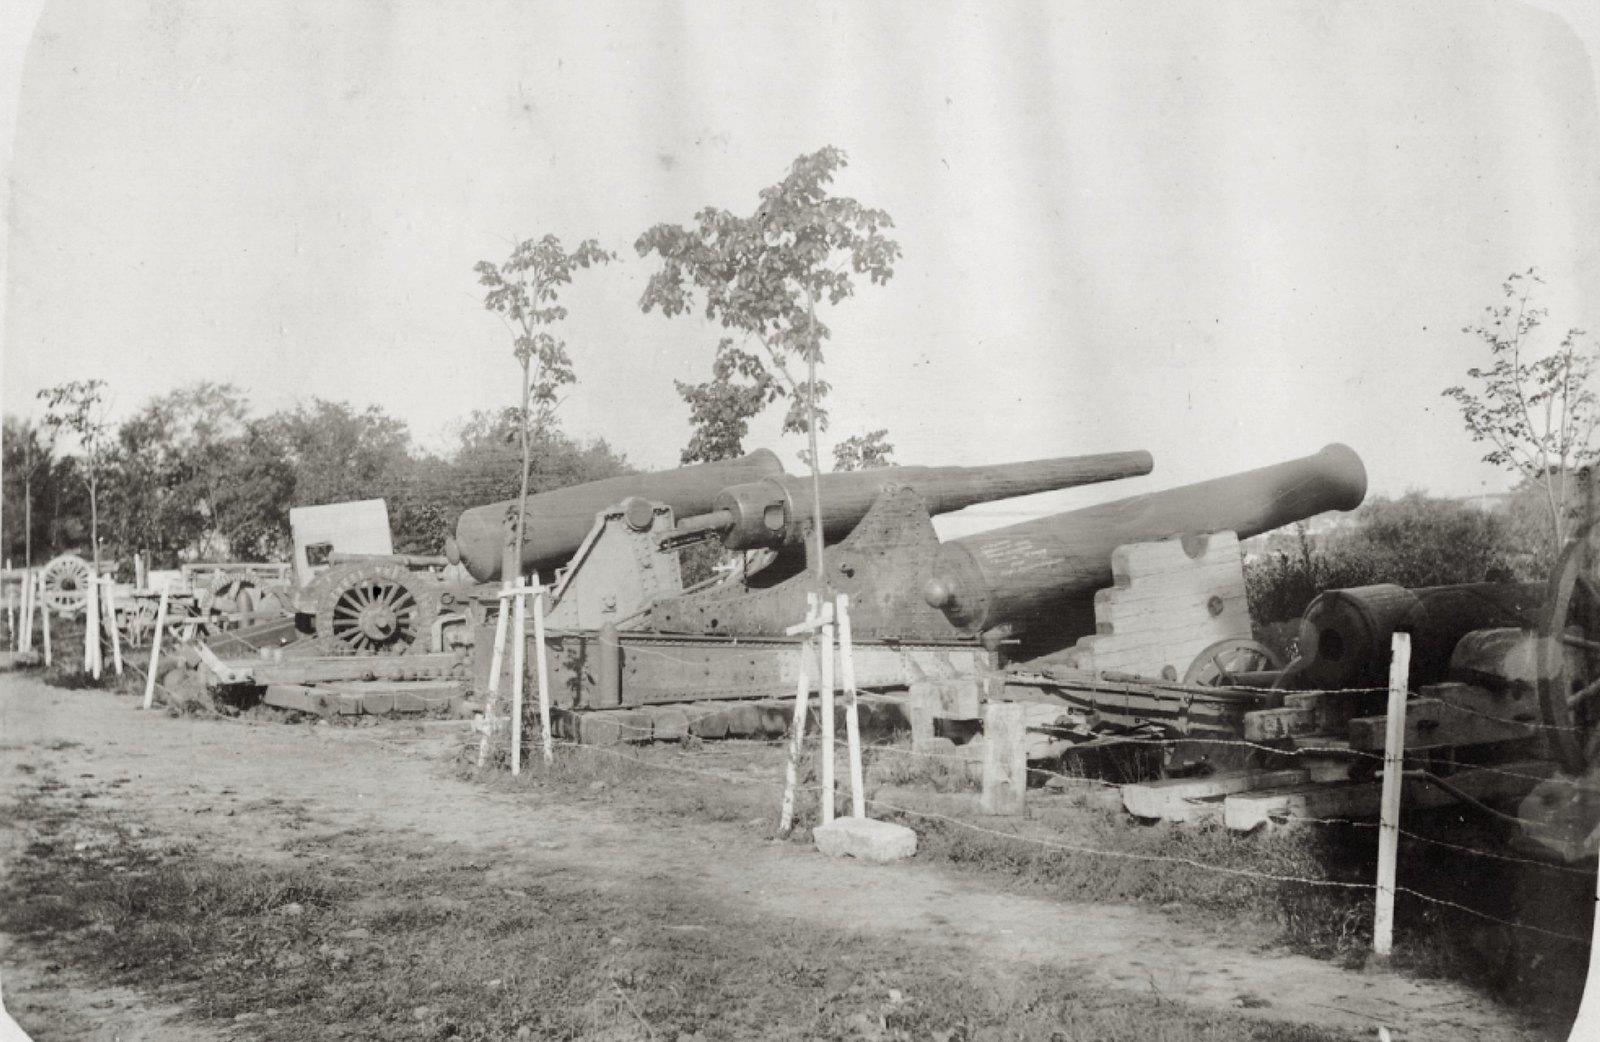 16. Музей. Китайские орудия. Экспозиция орудий, установленная во дворе музея.